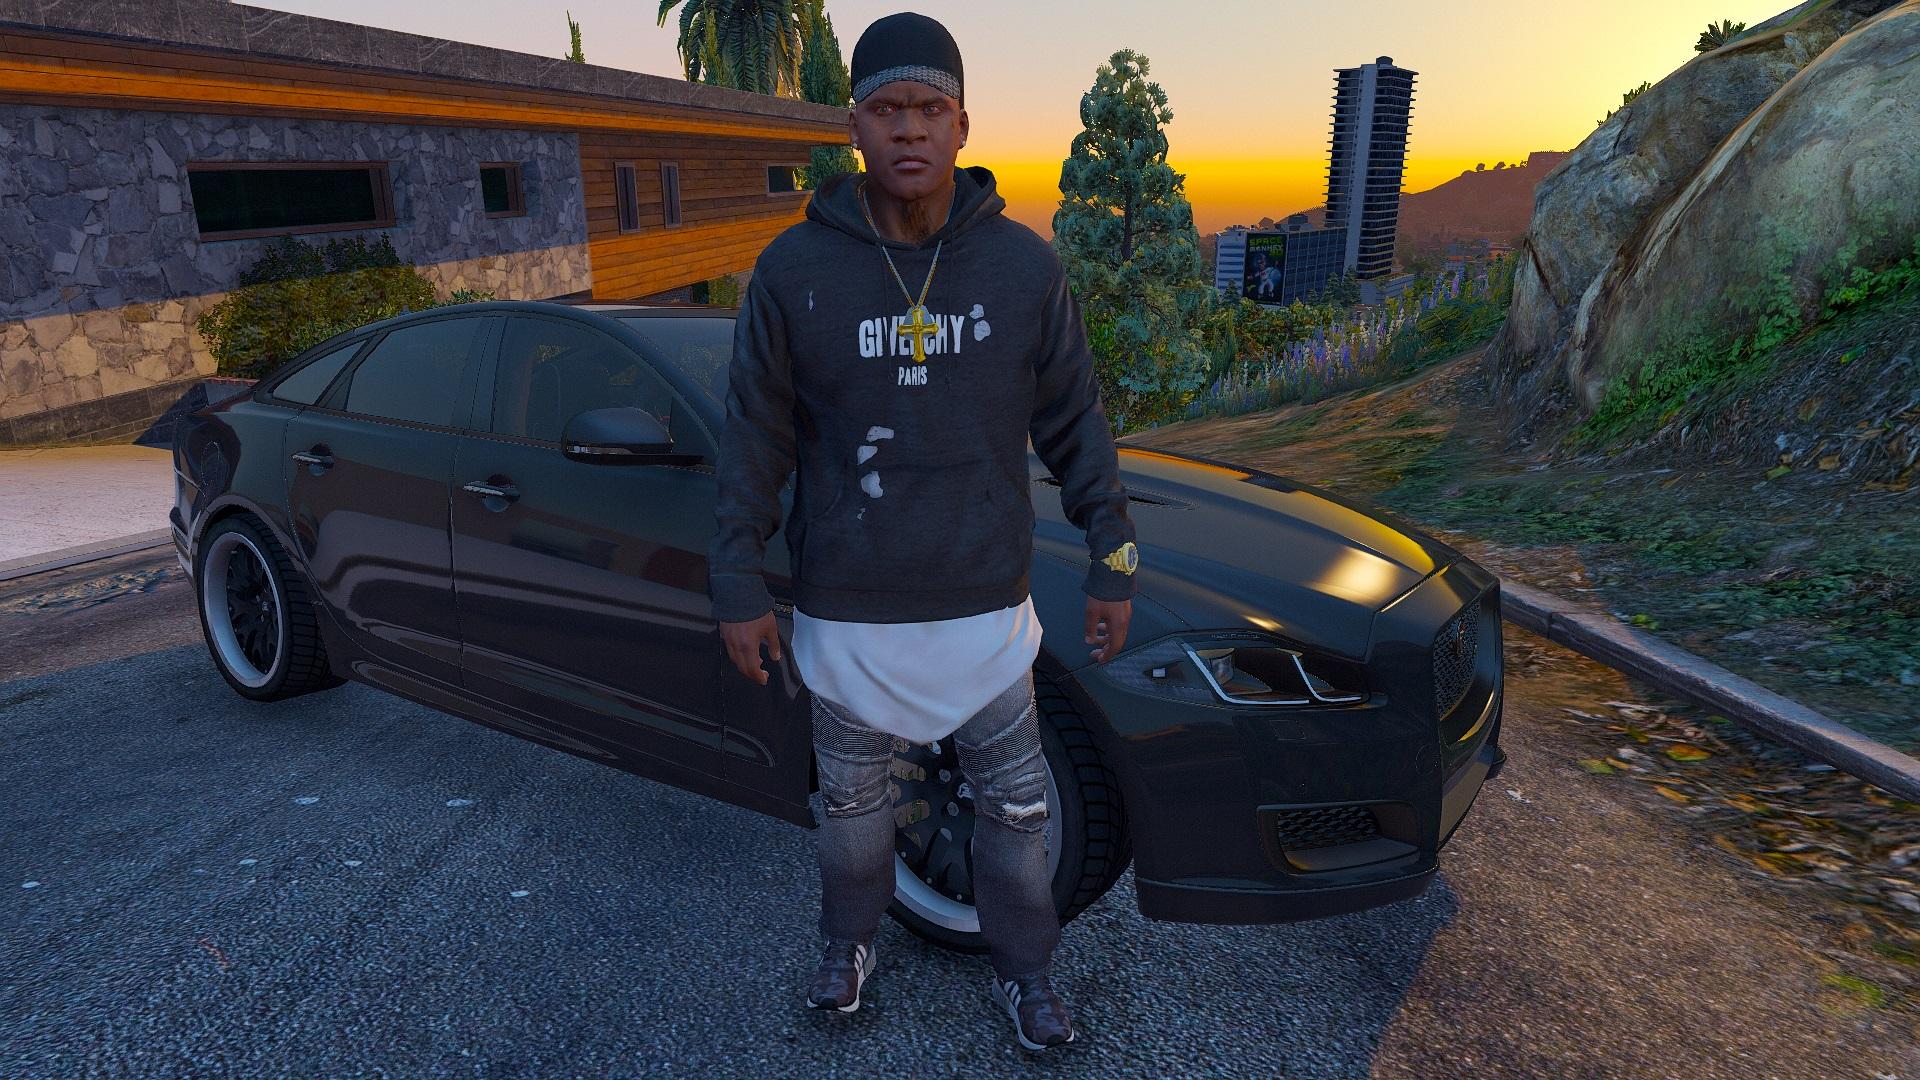 0_1503691758654_Grand Theft Auto V 8_25_2017 12_56_45 PM.jpg